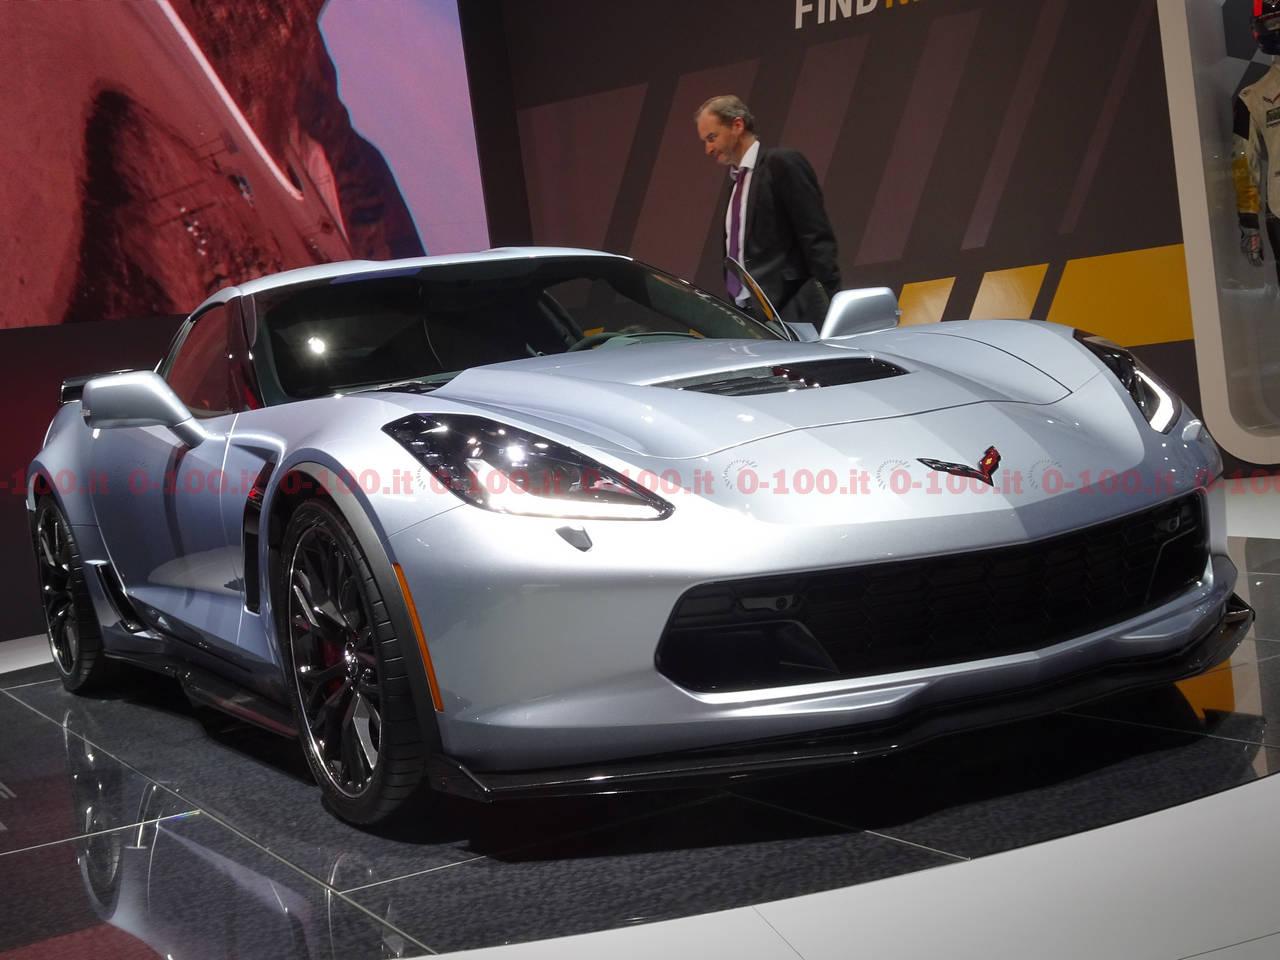 Ginevra-geneva-geneve-2017-Chevrolet-corvette-z06-0-100_1